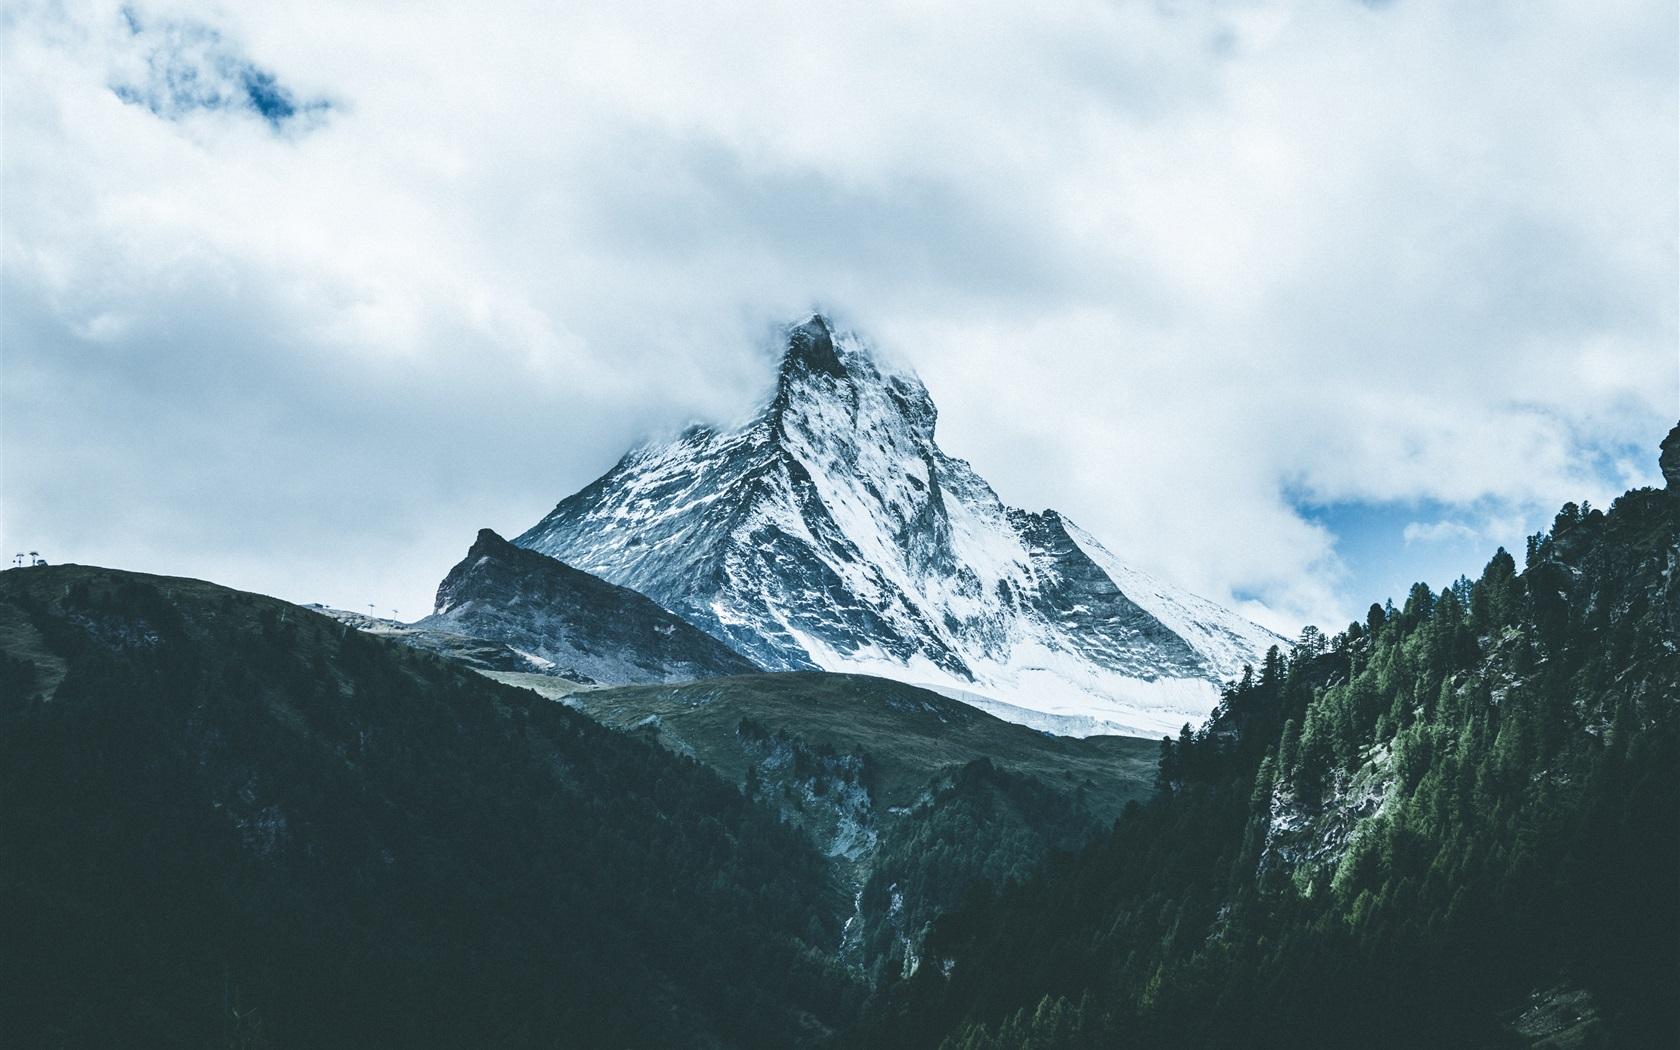 山,高峰,下雪,云,雾 壁纸